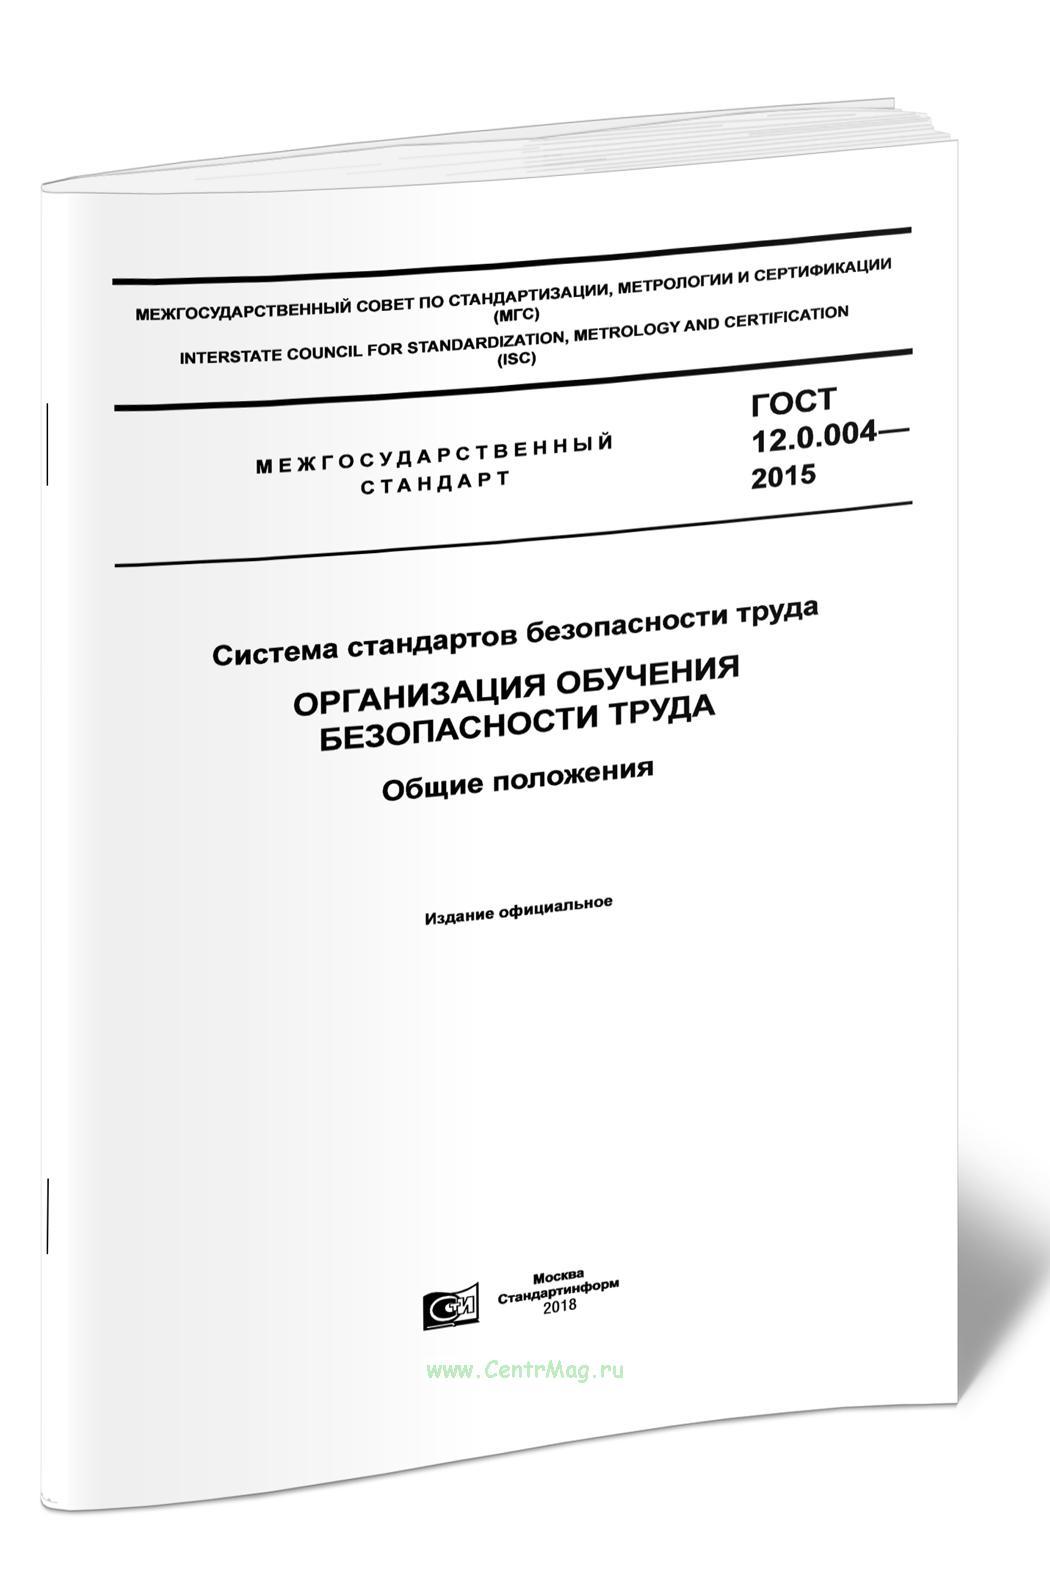 ГОСТ 12.0.004-2015 Система стандартов безопасности труда. Организация обучения безопасности труда. Общие положения 2019 год. Последняя редакция